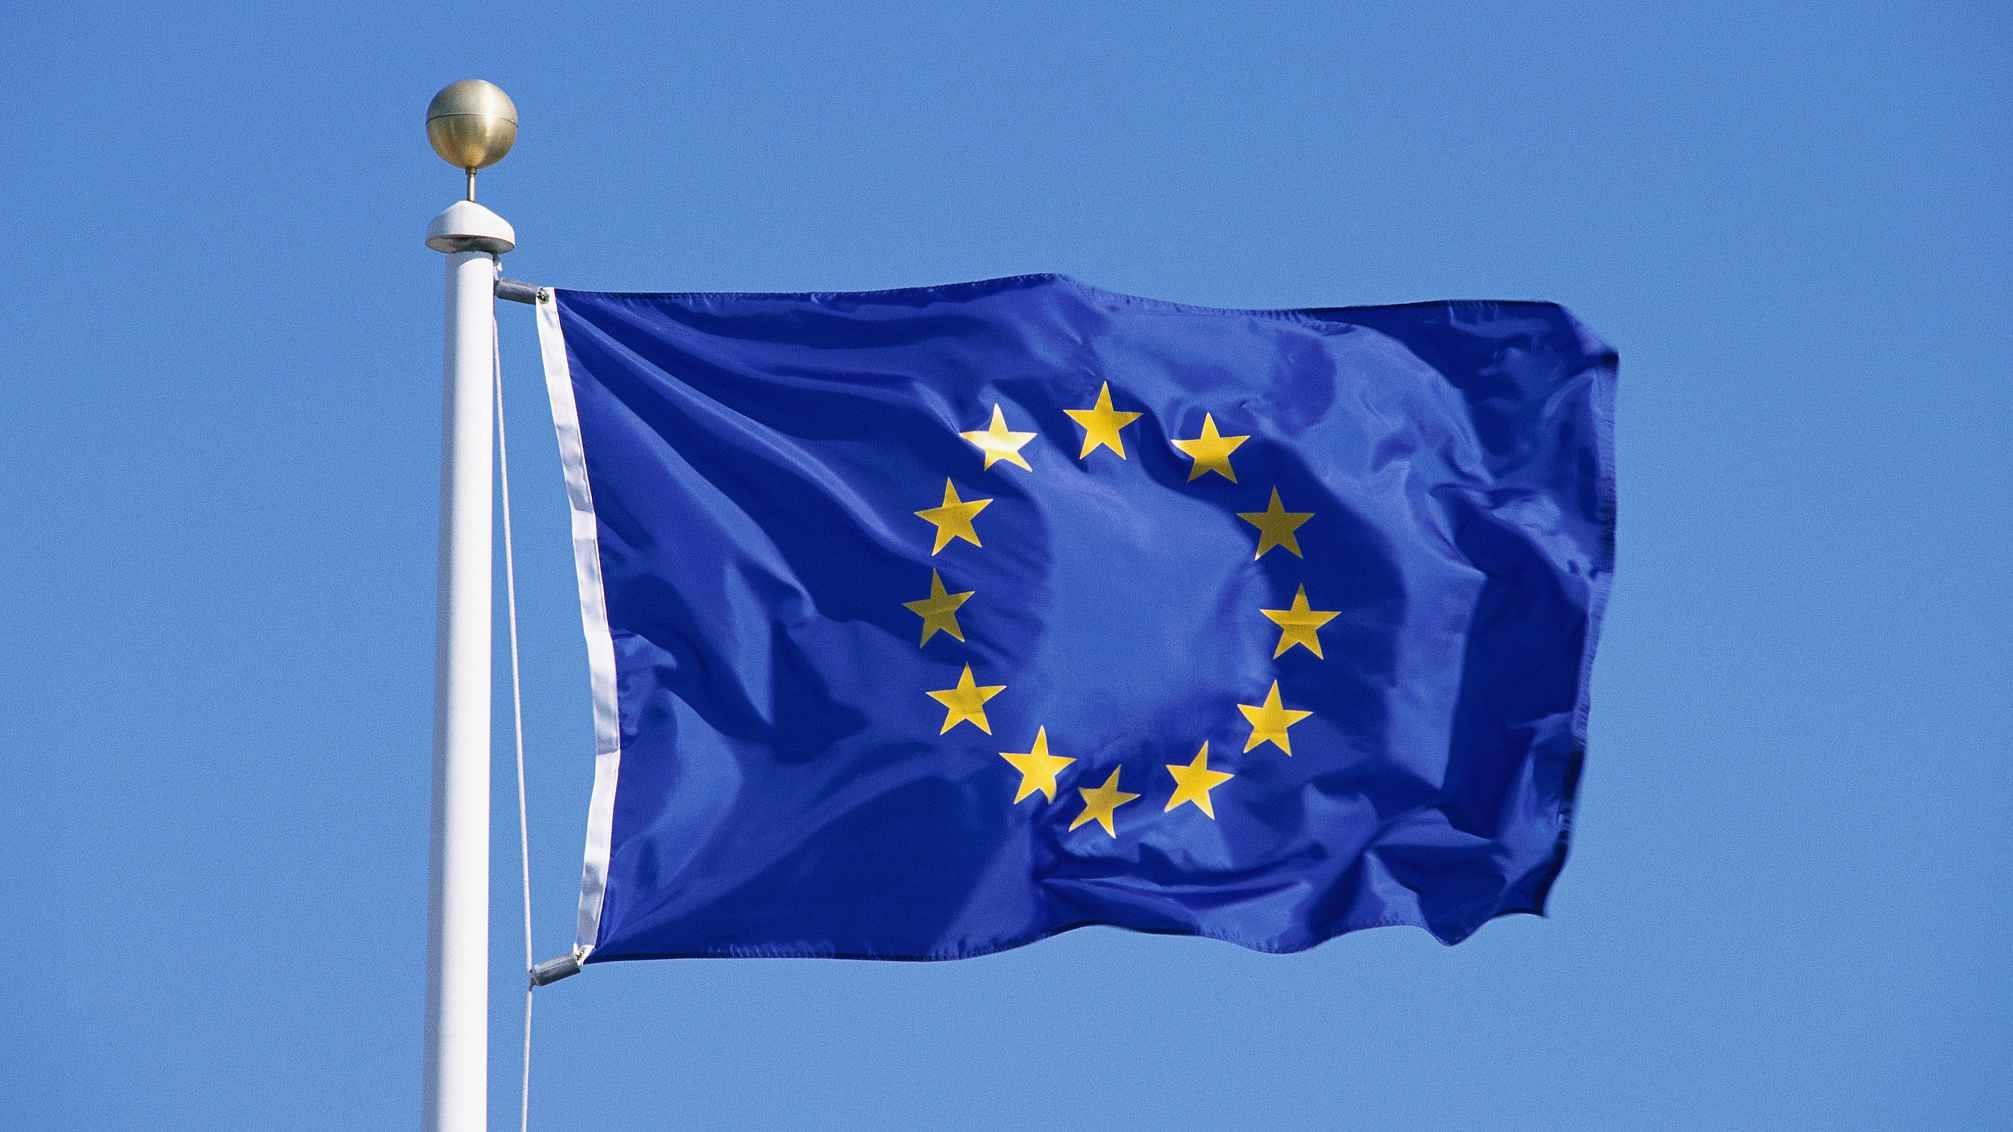 EU adopts controversial copyright reforms